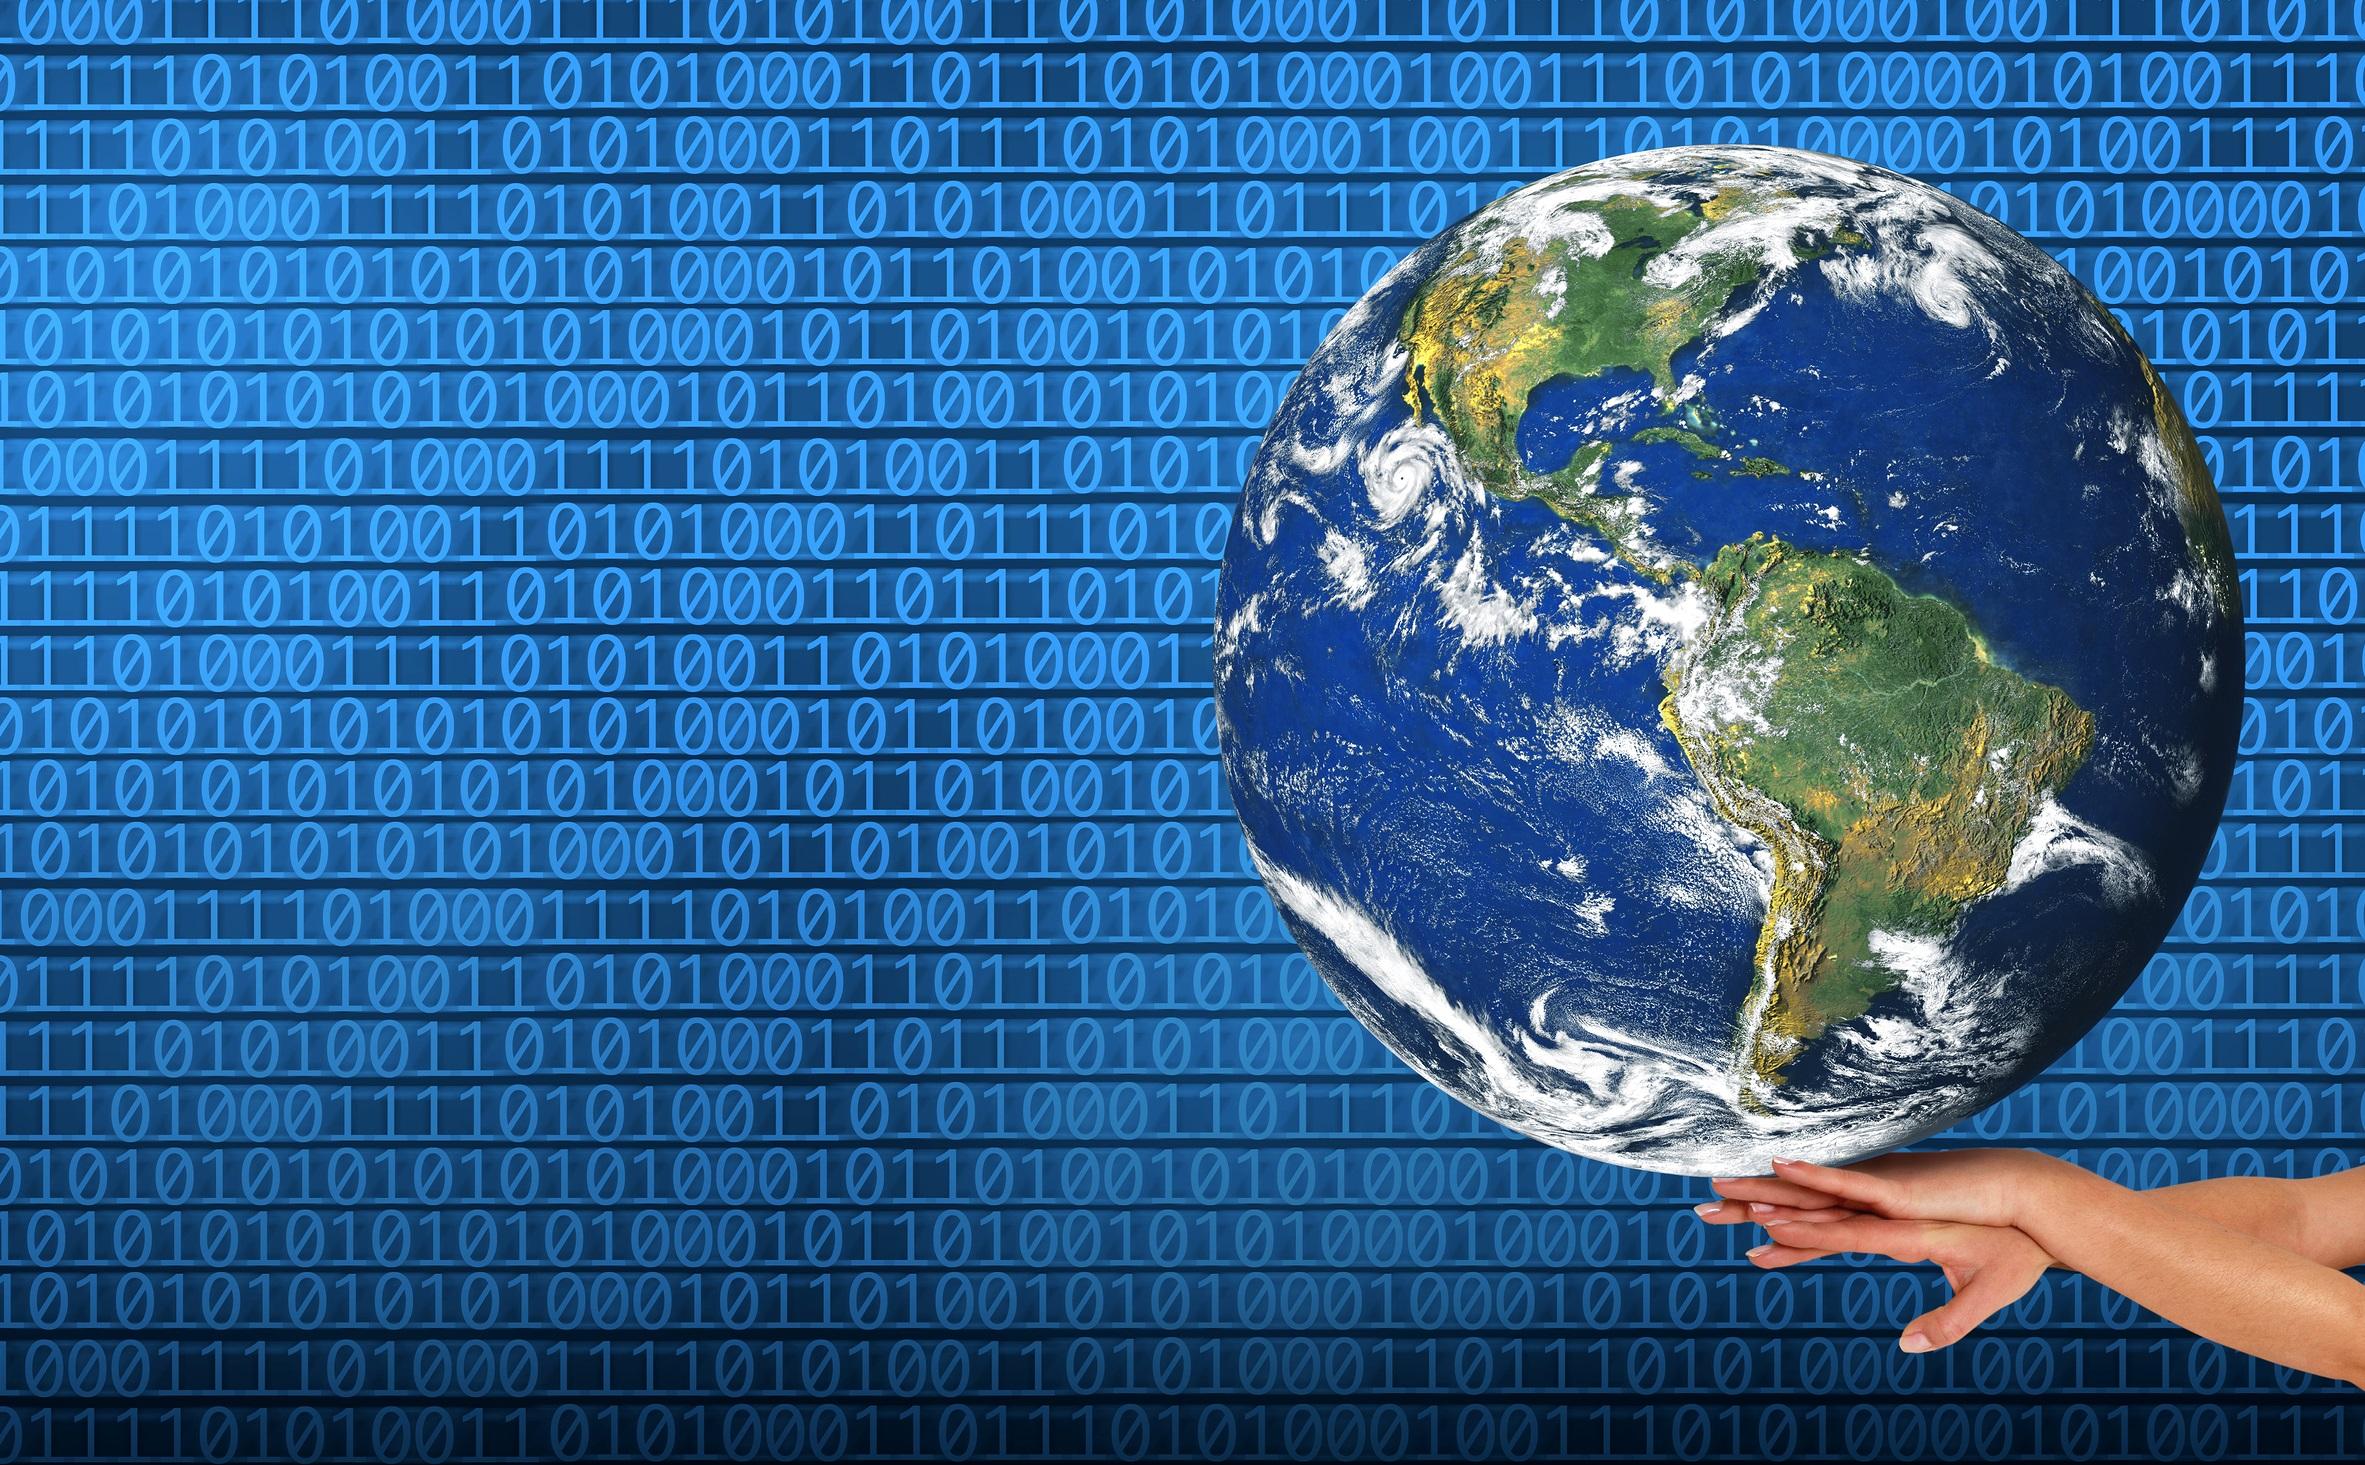 10 razones por las que el Big Data está cambiando el mundo